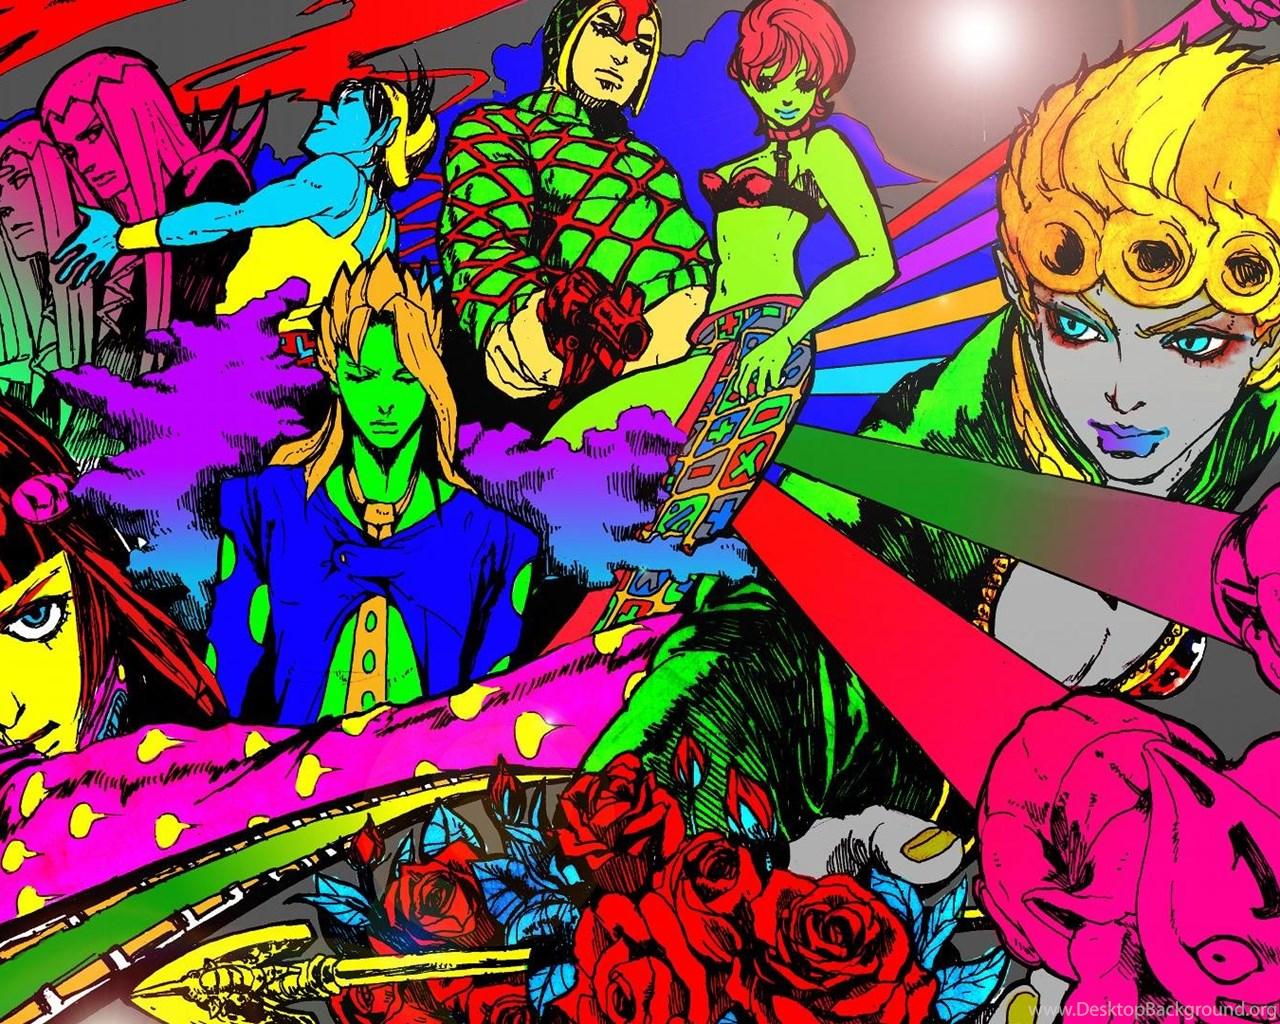 Jojos Bizarre Adventure Hd Wallpapers Desktop Background